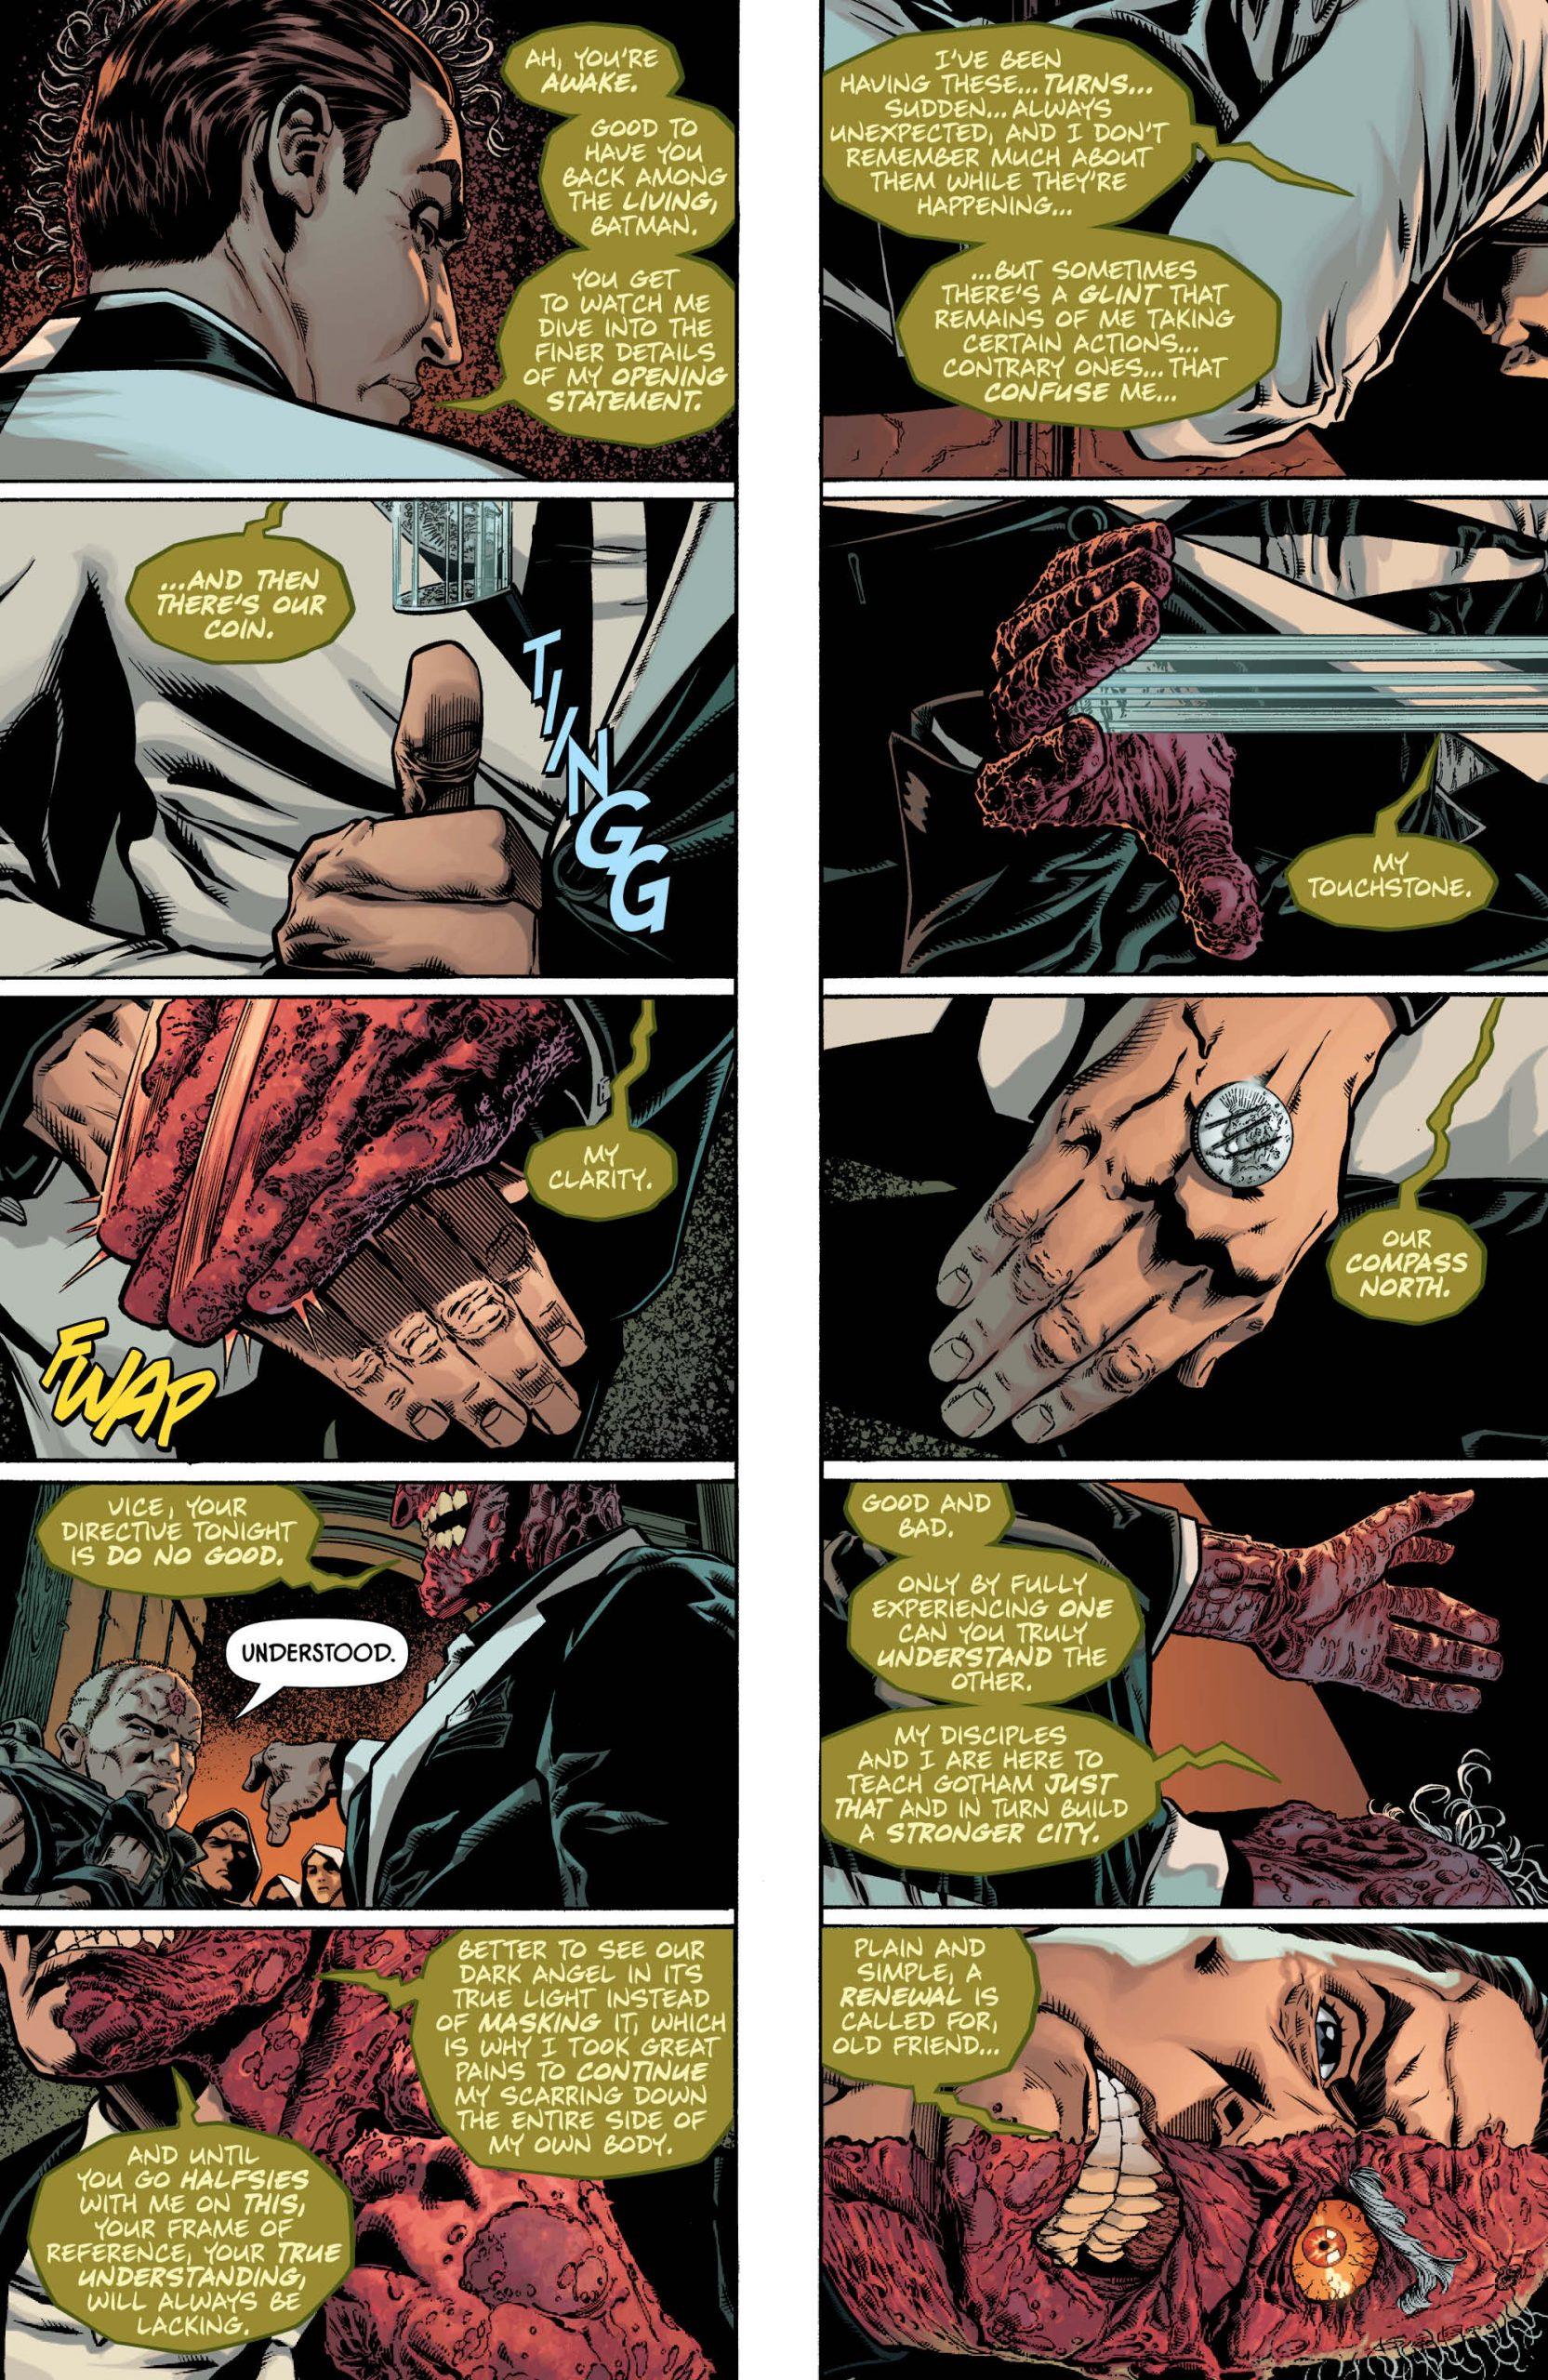 Detective Comics #1022 Pg. 1